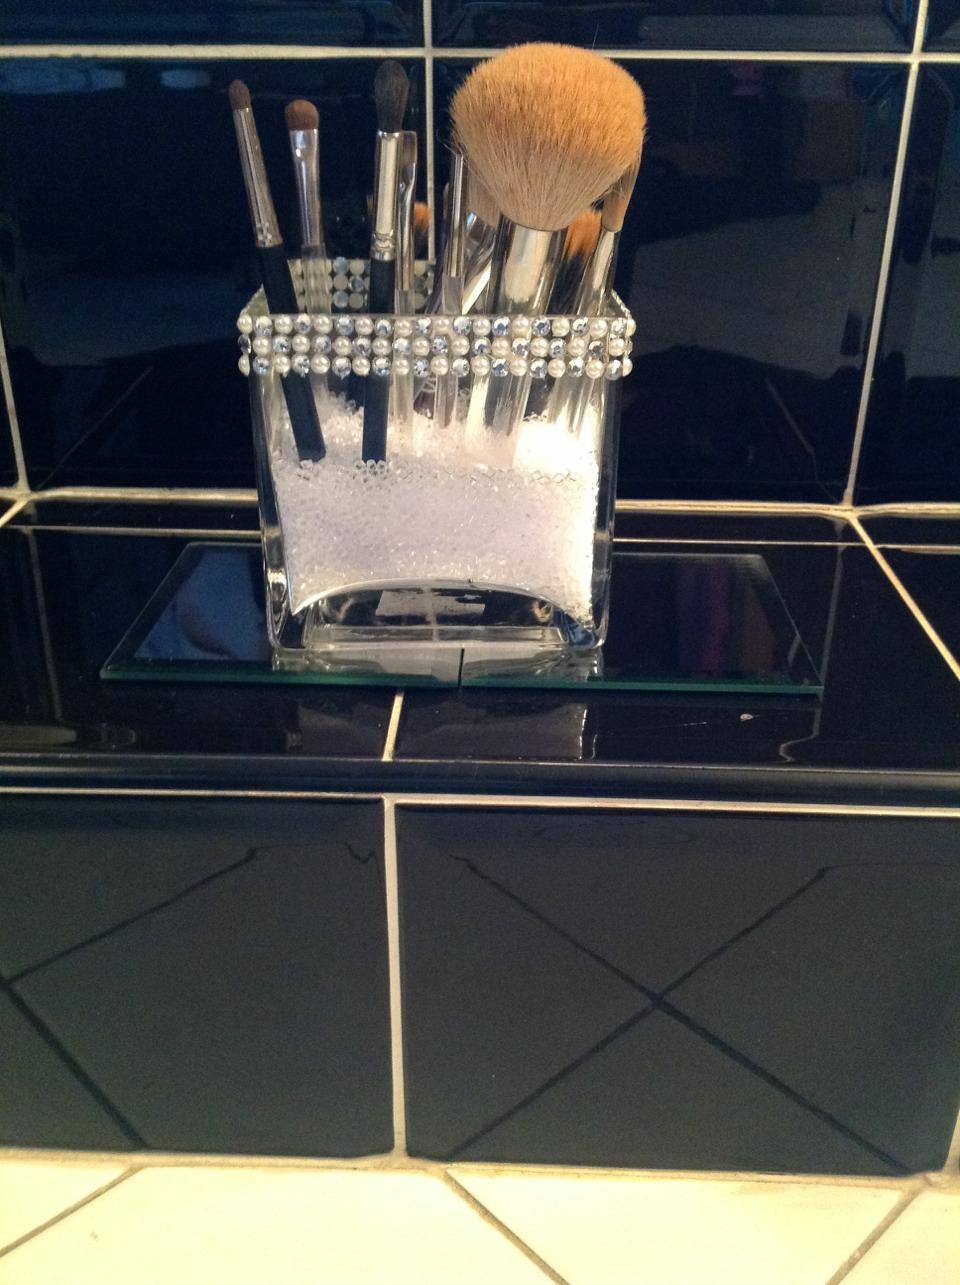 My pearl and rhinestone makeup brush holder